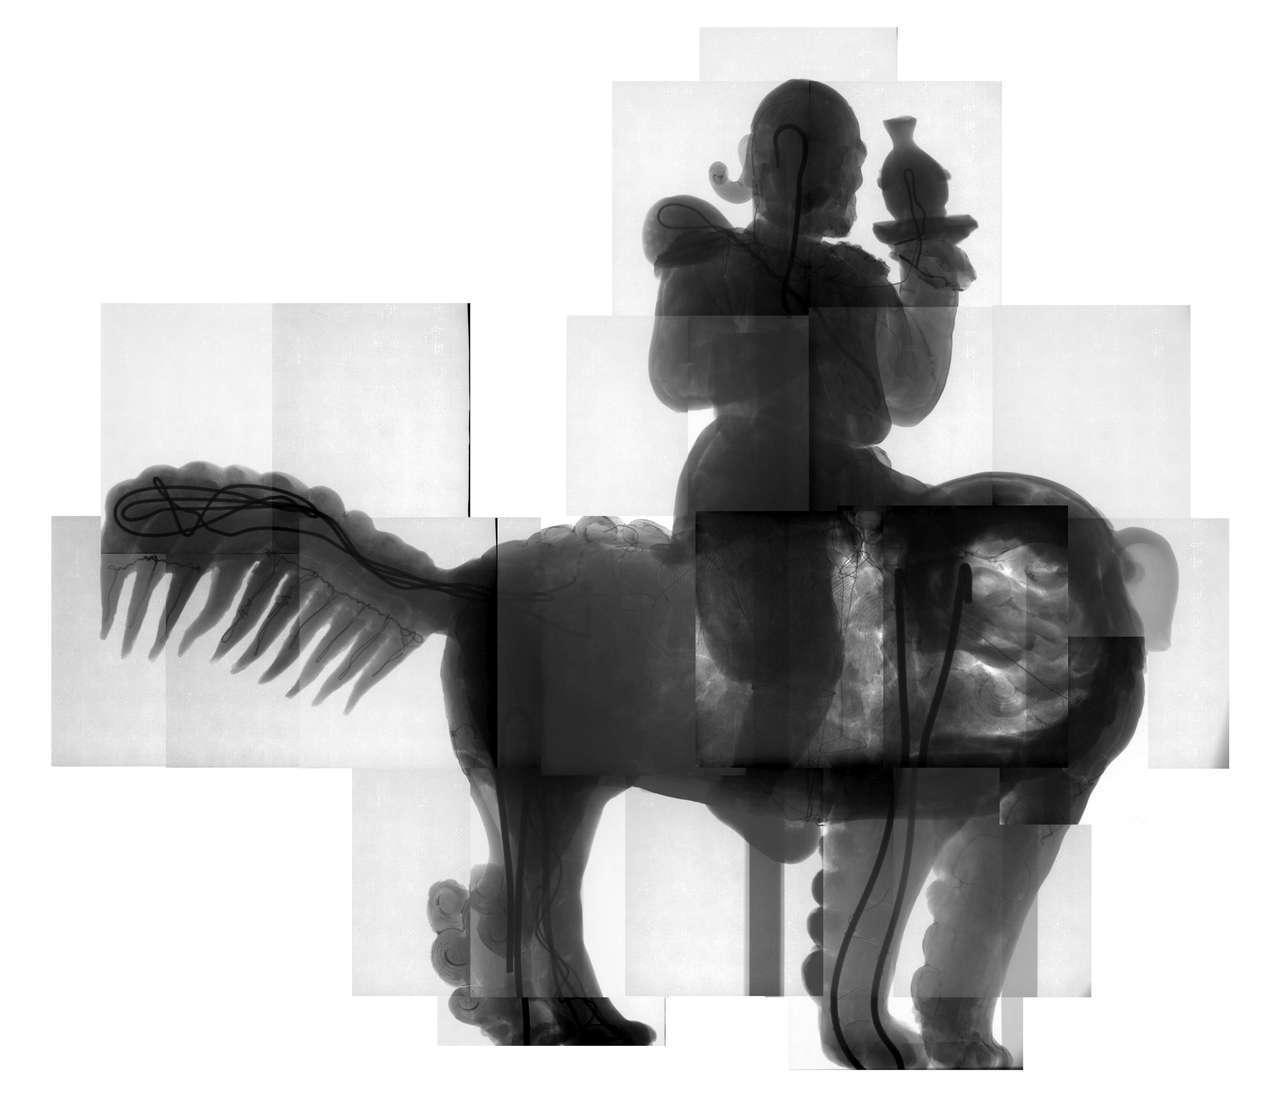 一般古物「胡人獻瑞」有鬚胡人X光圖。圖/文資處提供